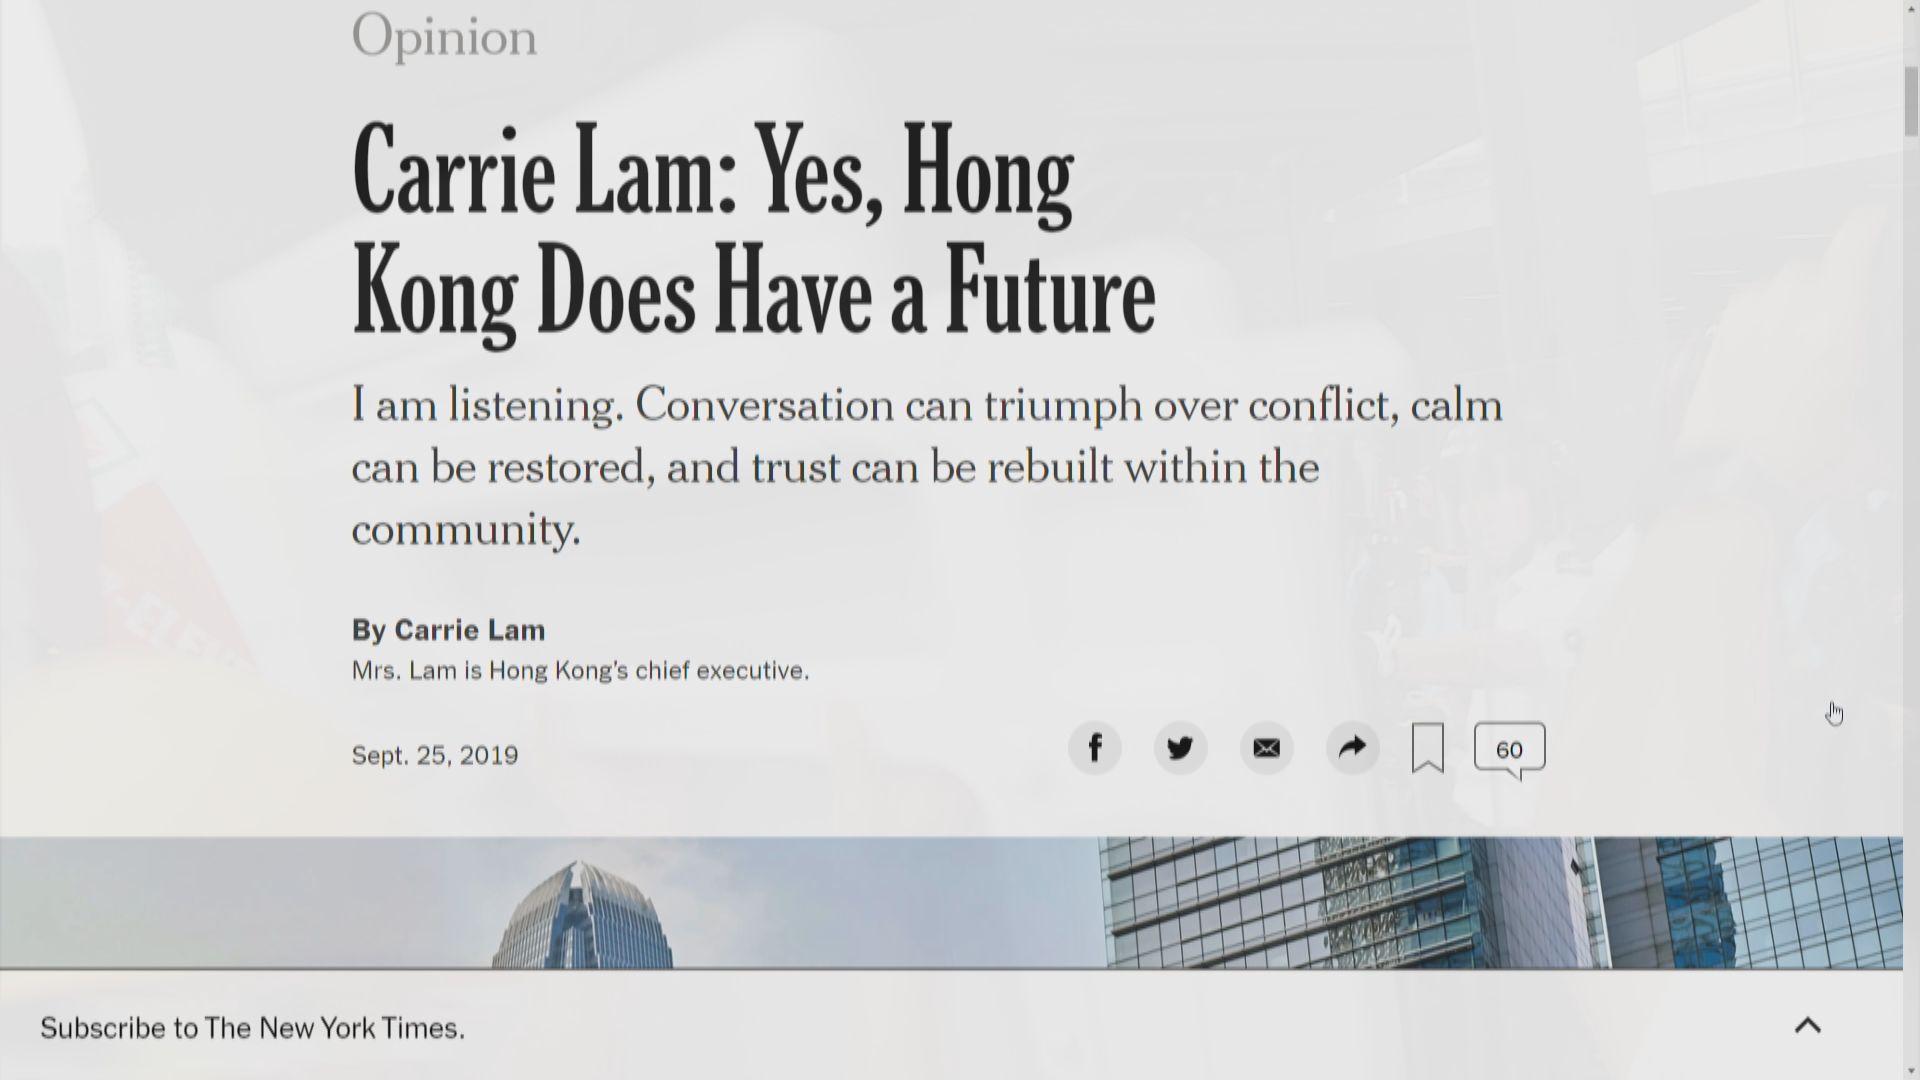 林鄭月娥撰文指香港有未來 強調對話助和解